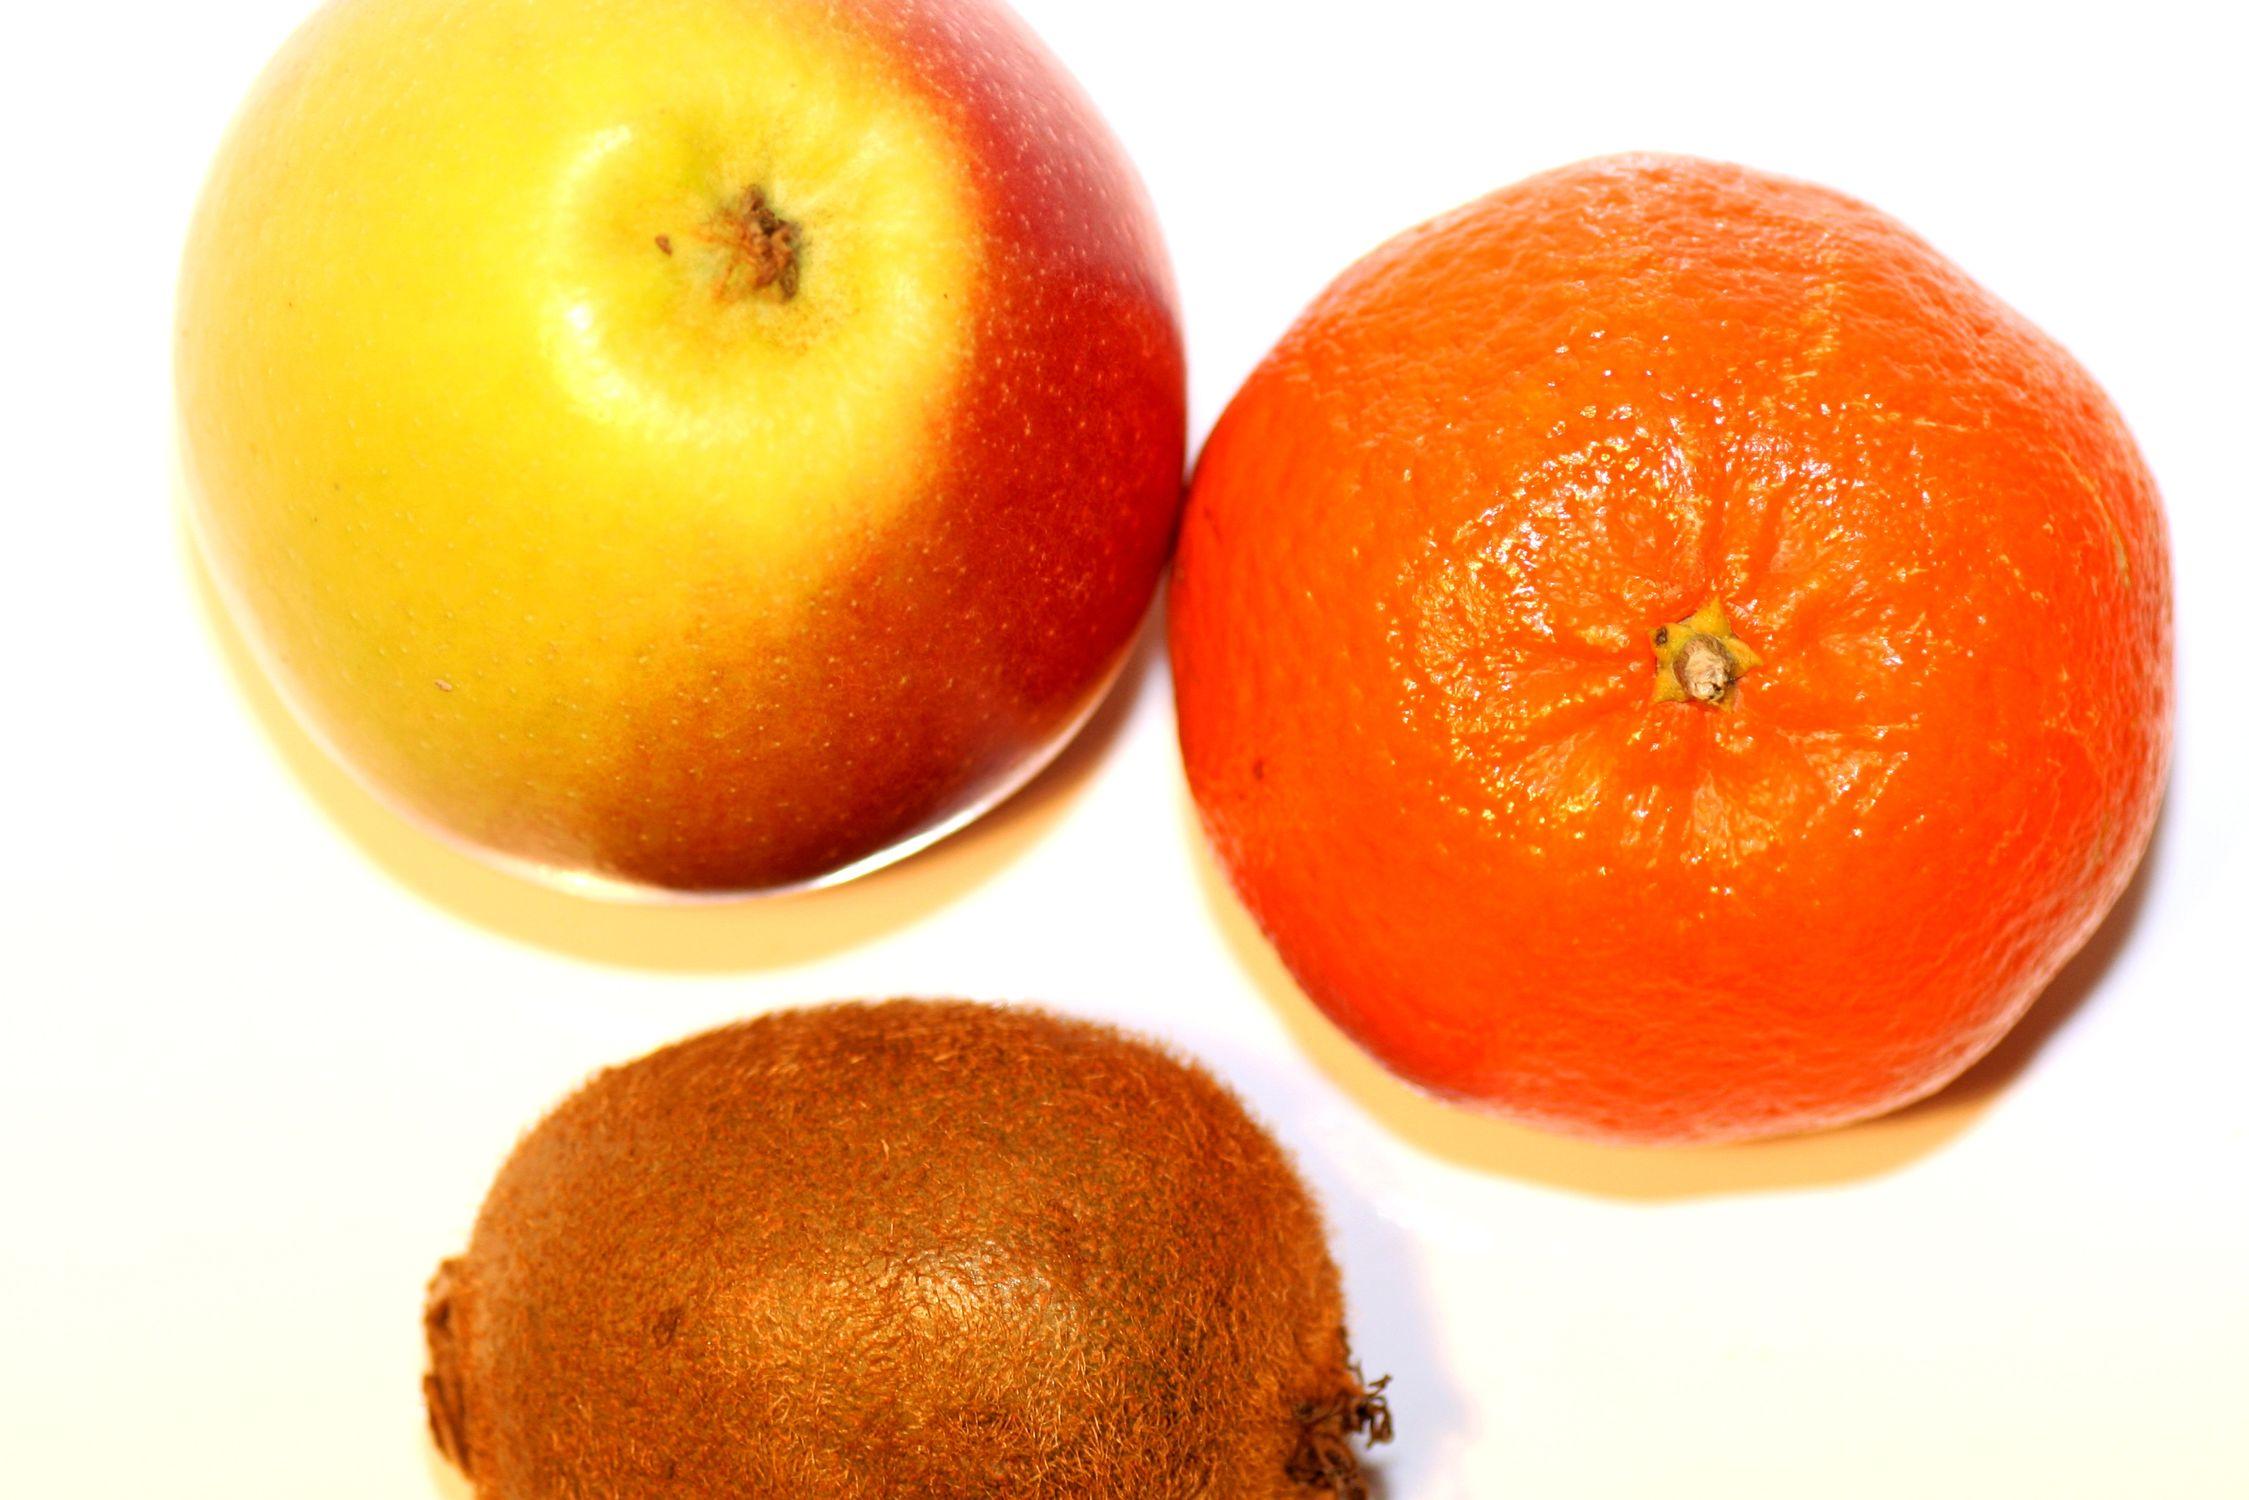 Bild mit Gegenstände, Natur, Pflanzen, Früchte, Lebensmittel, Essen, Zitrusfrüchte, Orangen, Grapefruits, Küchenbild, Küchenbilder, Küche